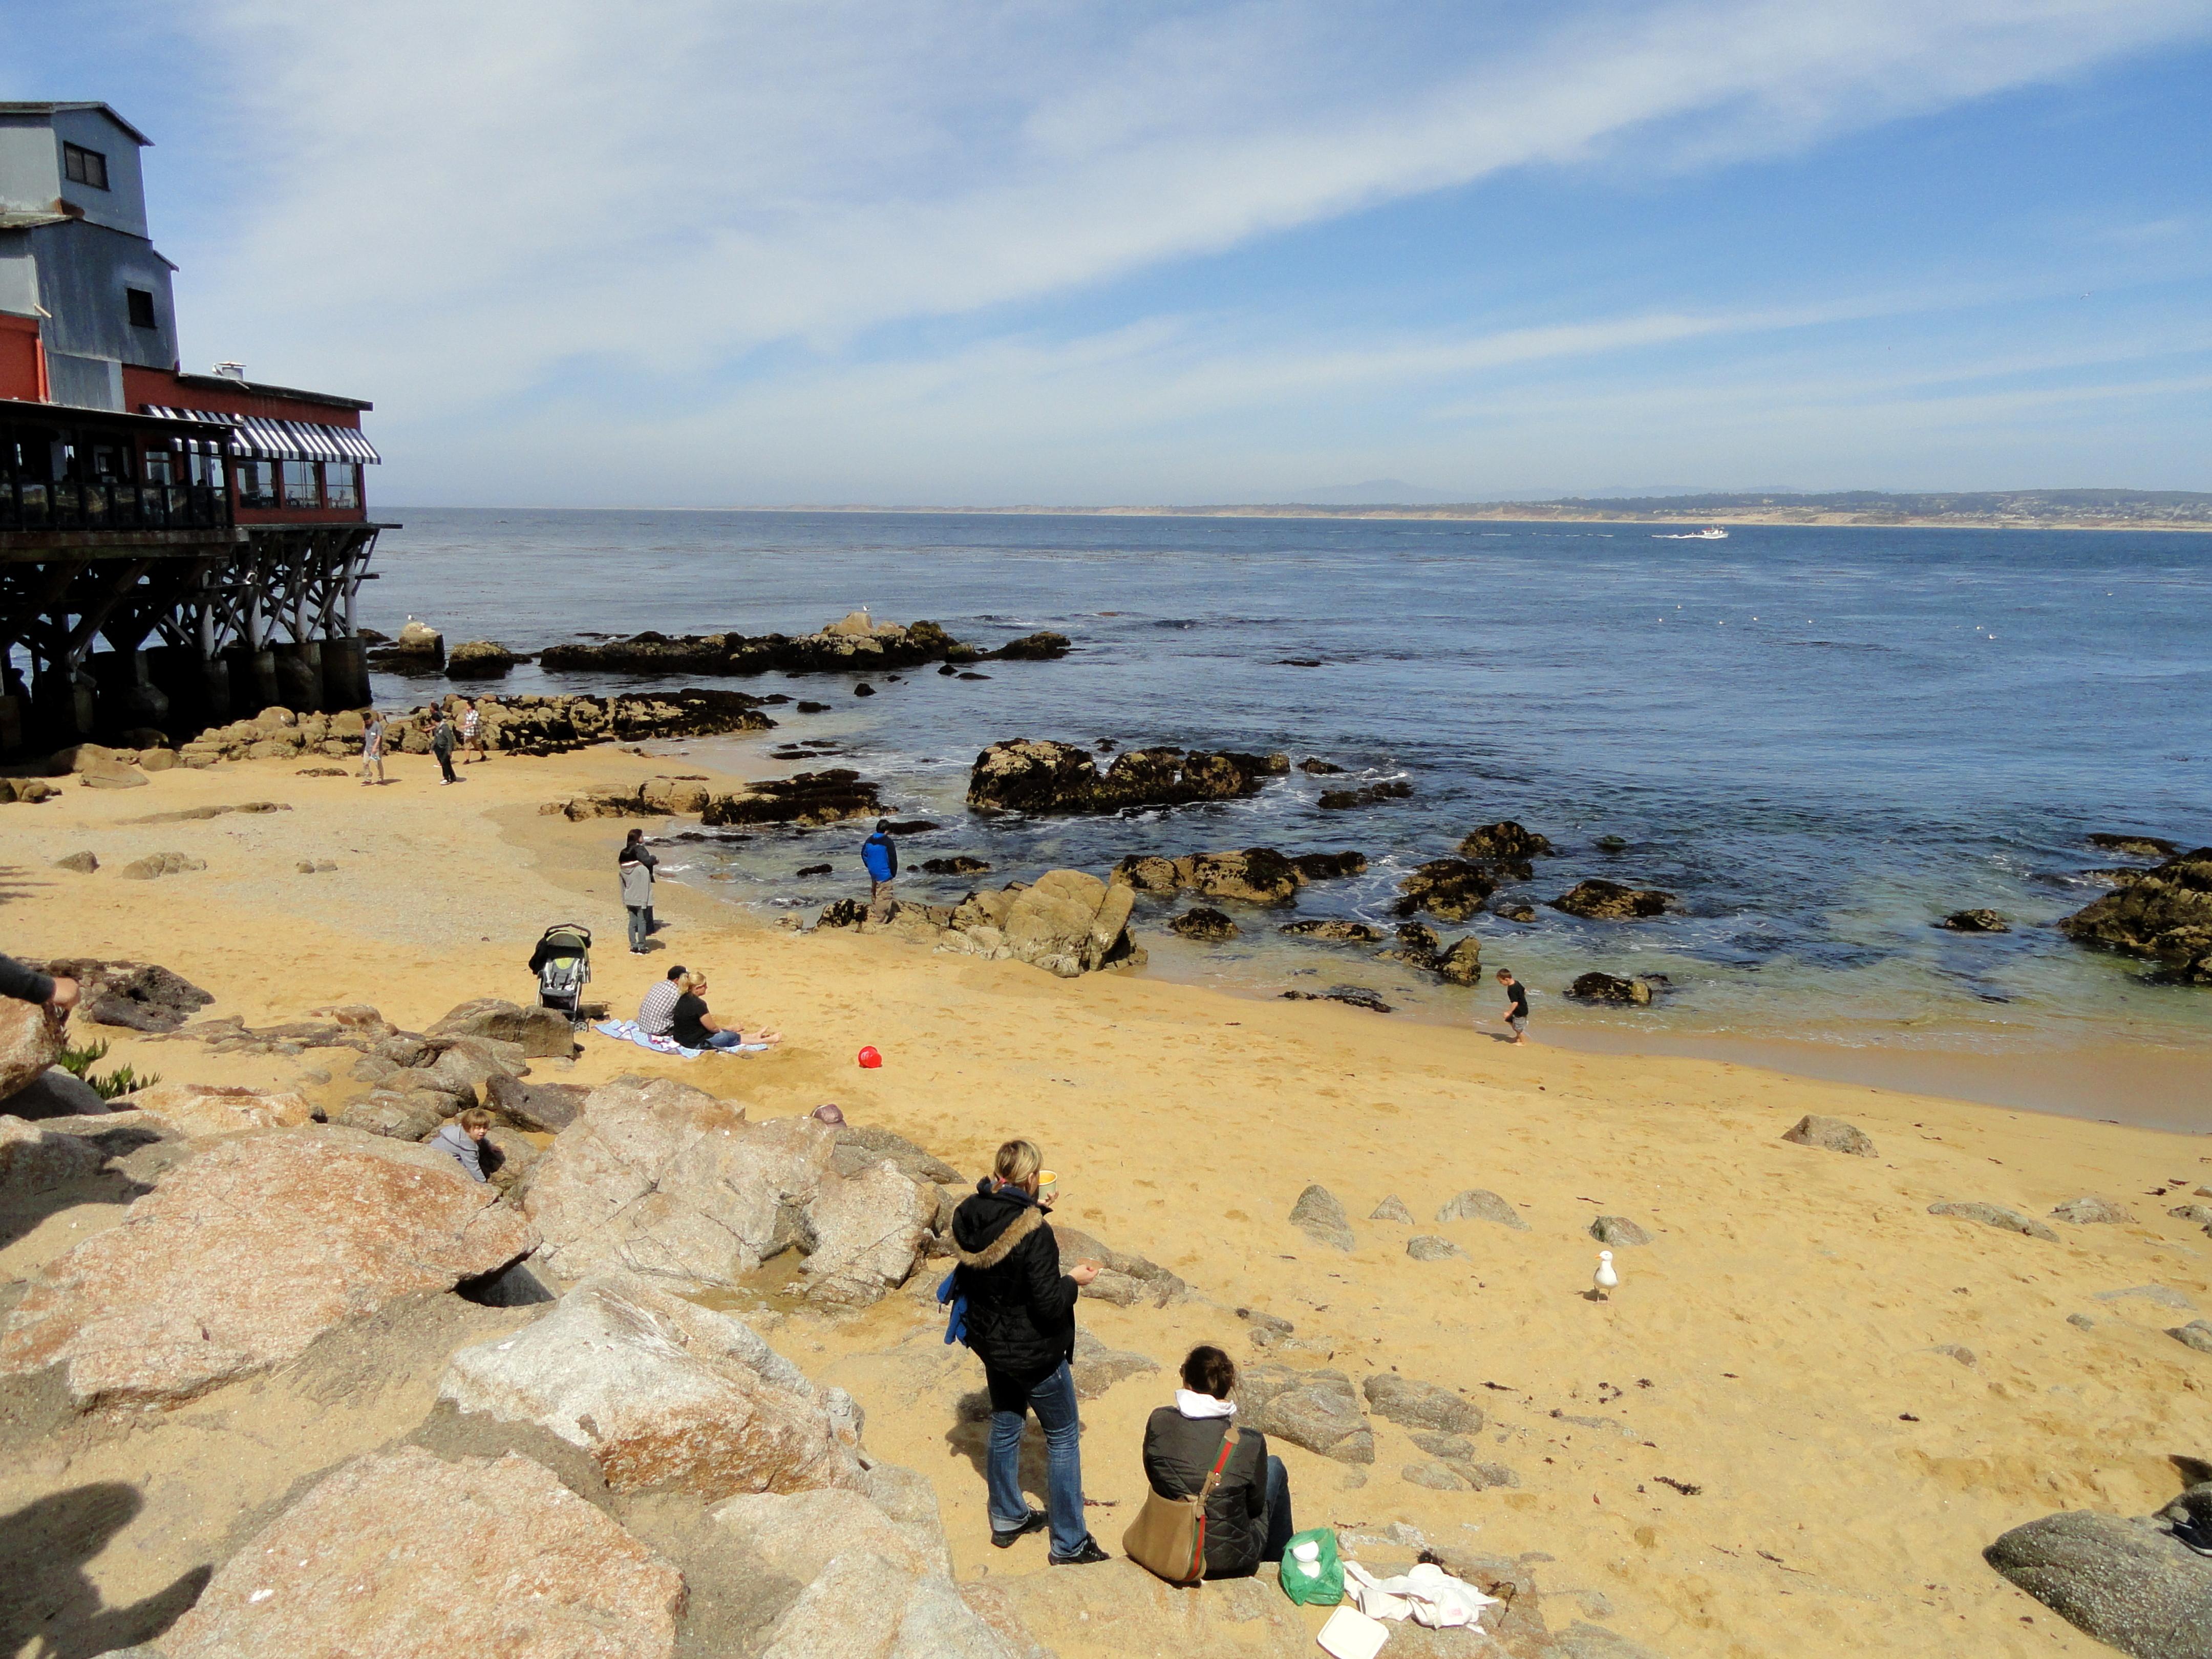 Are All California Beaches Public